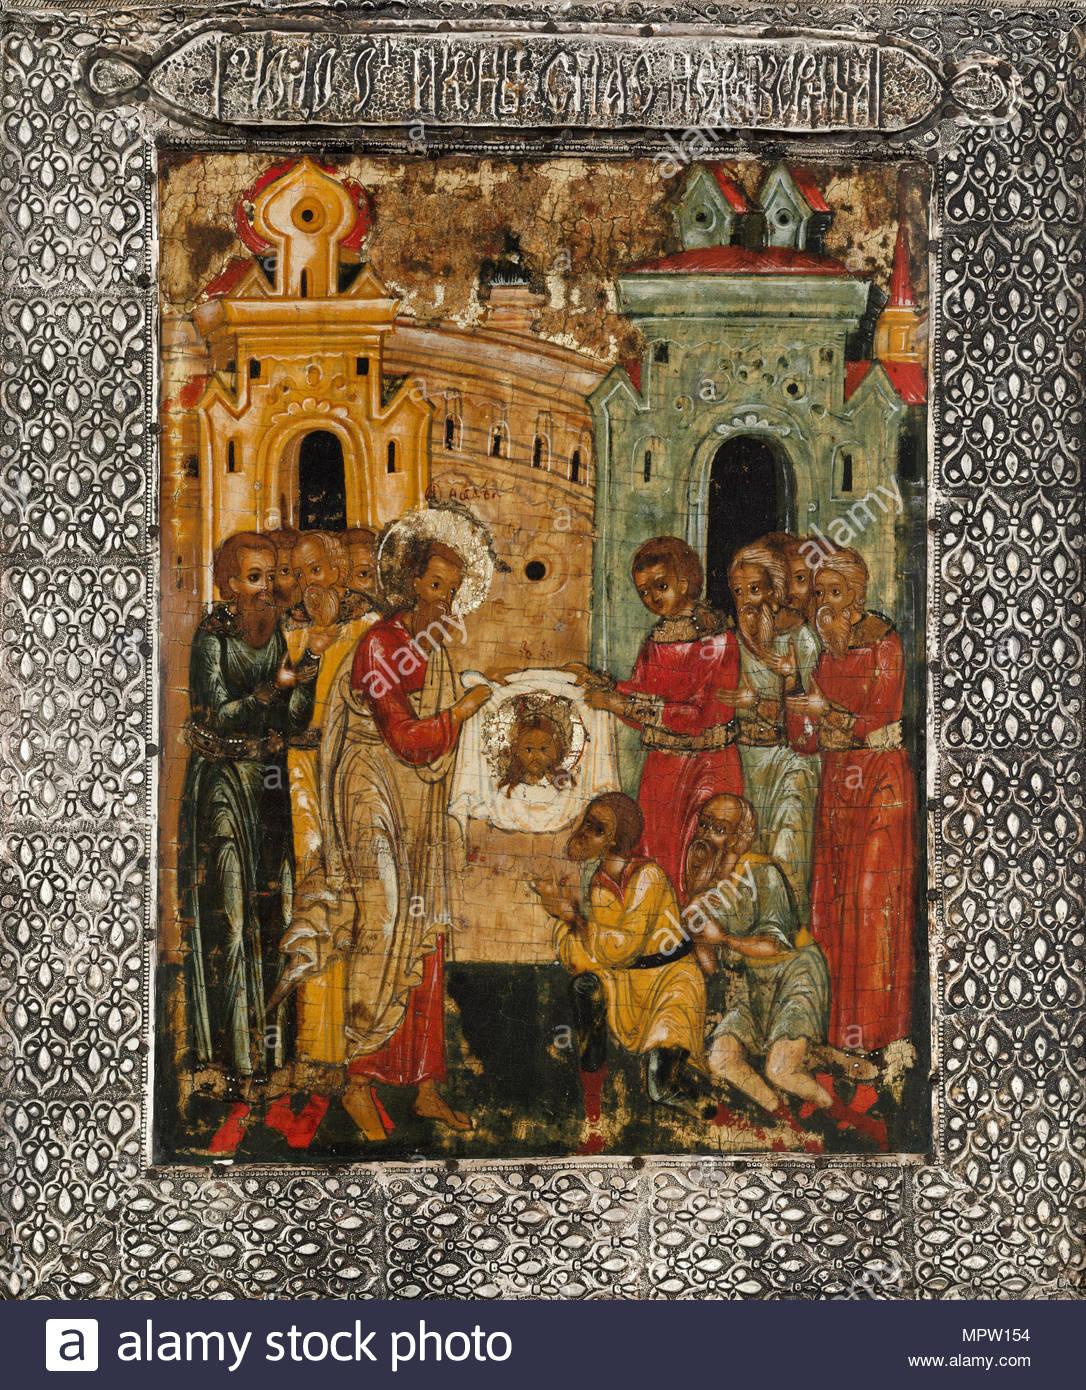 La meraviglia dell'icona del Salvatore non fatto da mani, ca. 1600. Immagini Stock